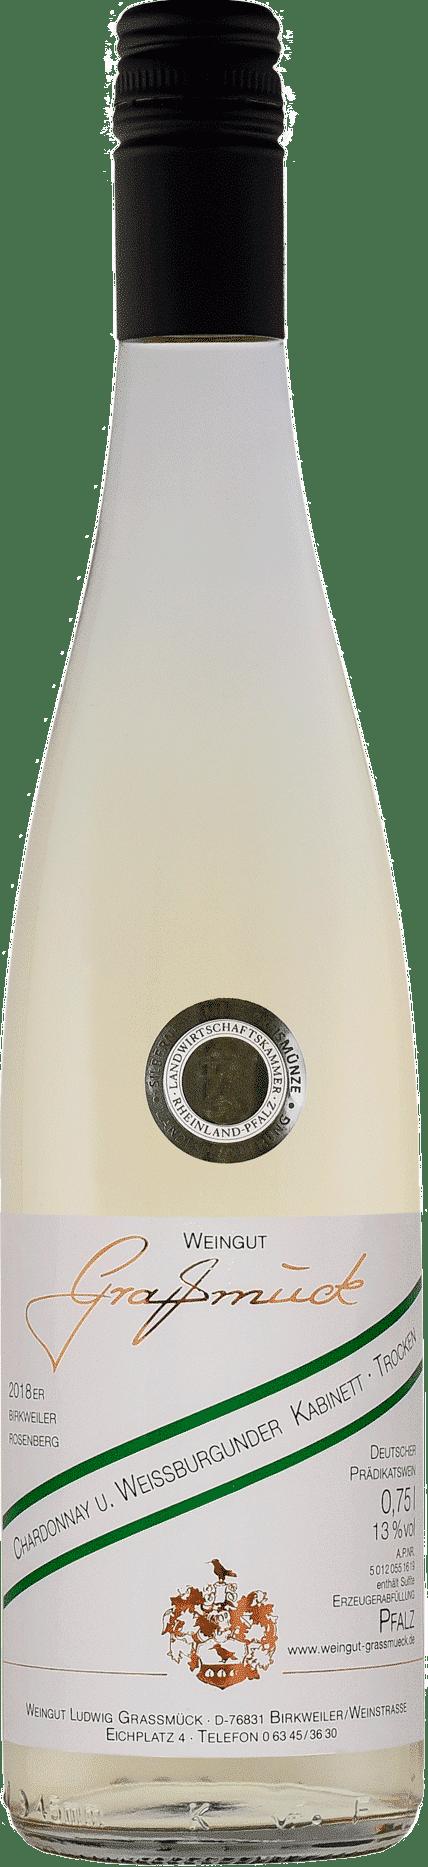 Weingut Ludwig Graßmück, Simon Graßmück, Chardonnay und Weissburgunder Kabinett, trocken